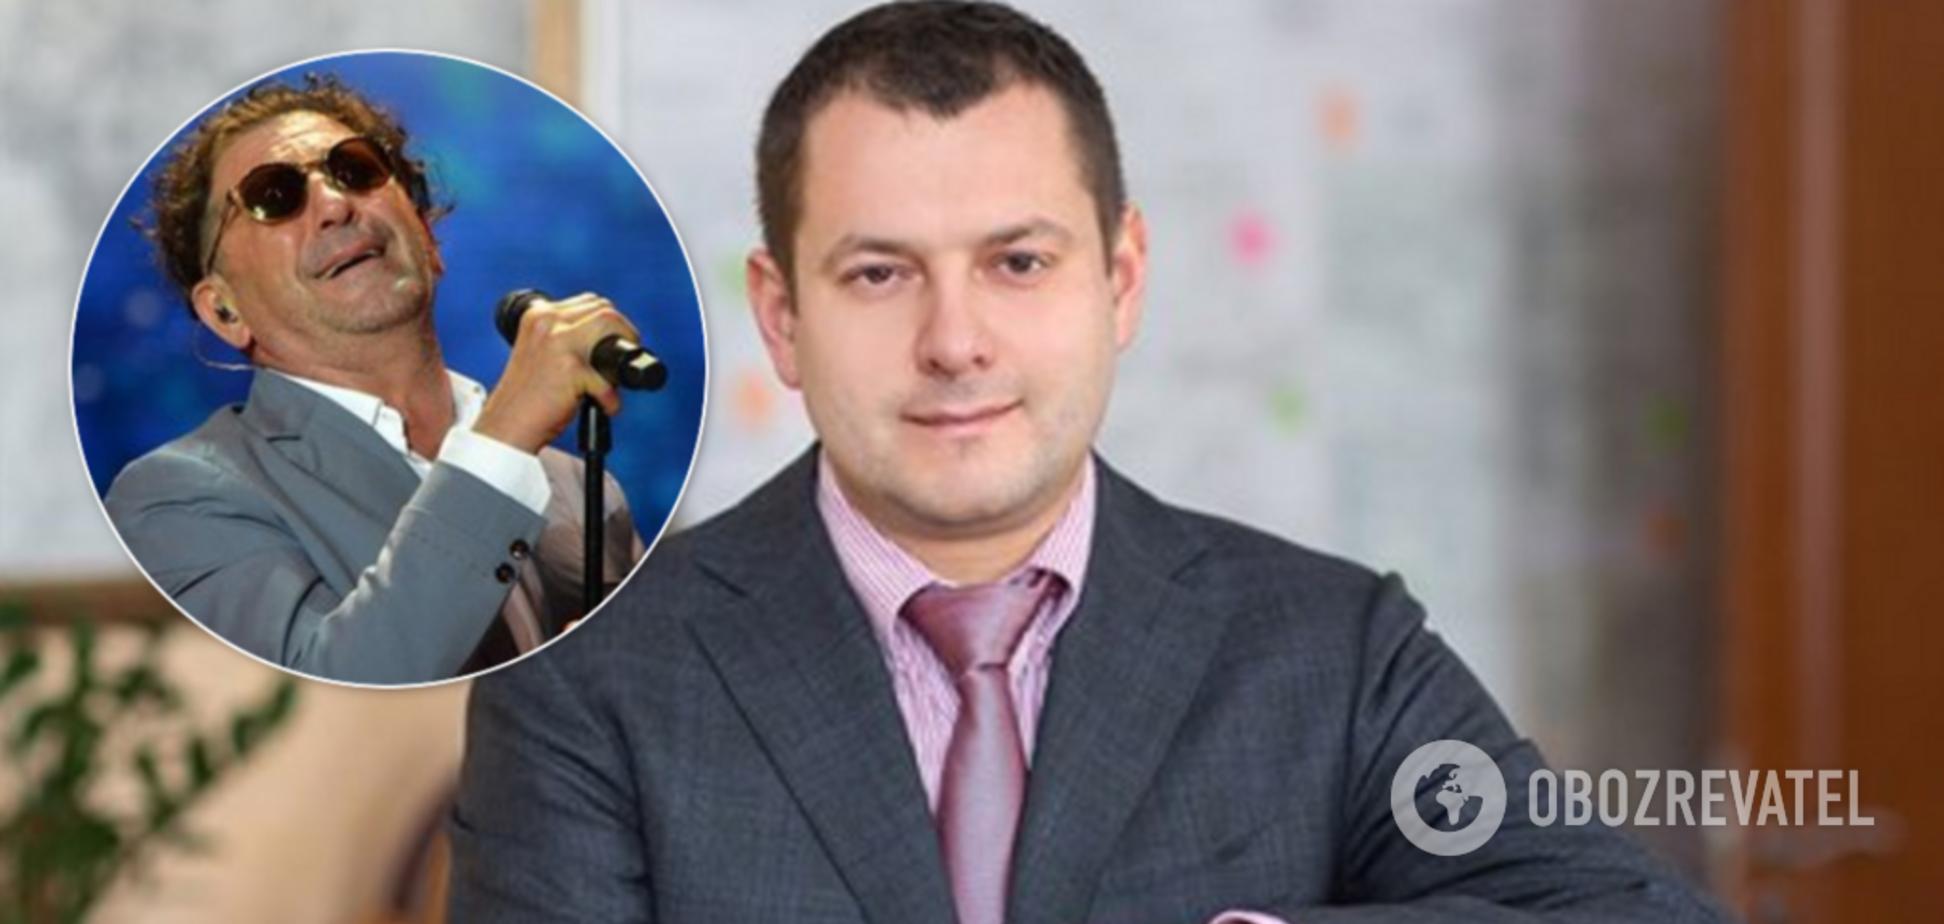 Провел Рождество с Лепсом: украинского нардепа поймали на вечеринке для богатых русских в Куршевеле. Видео